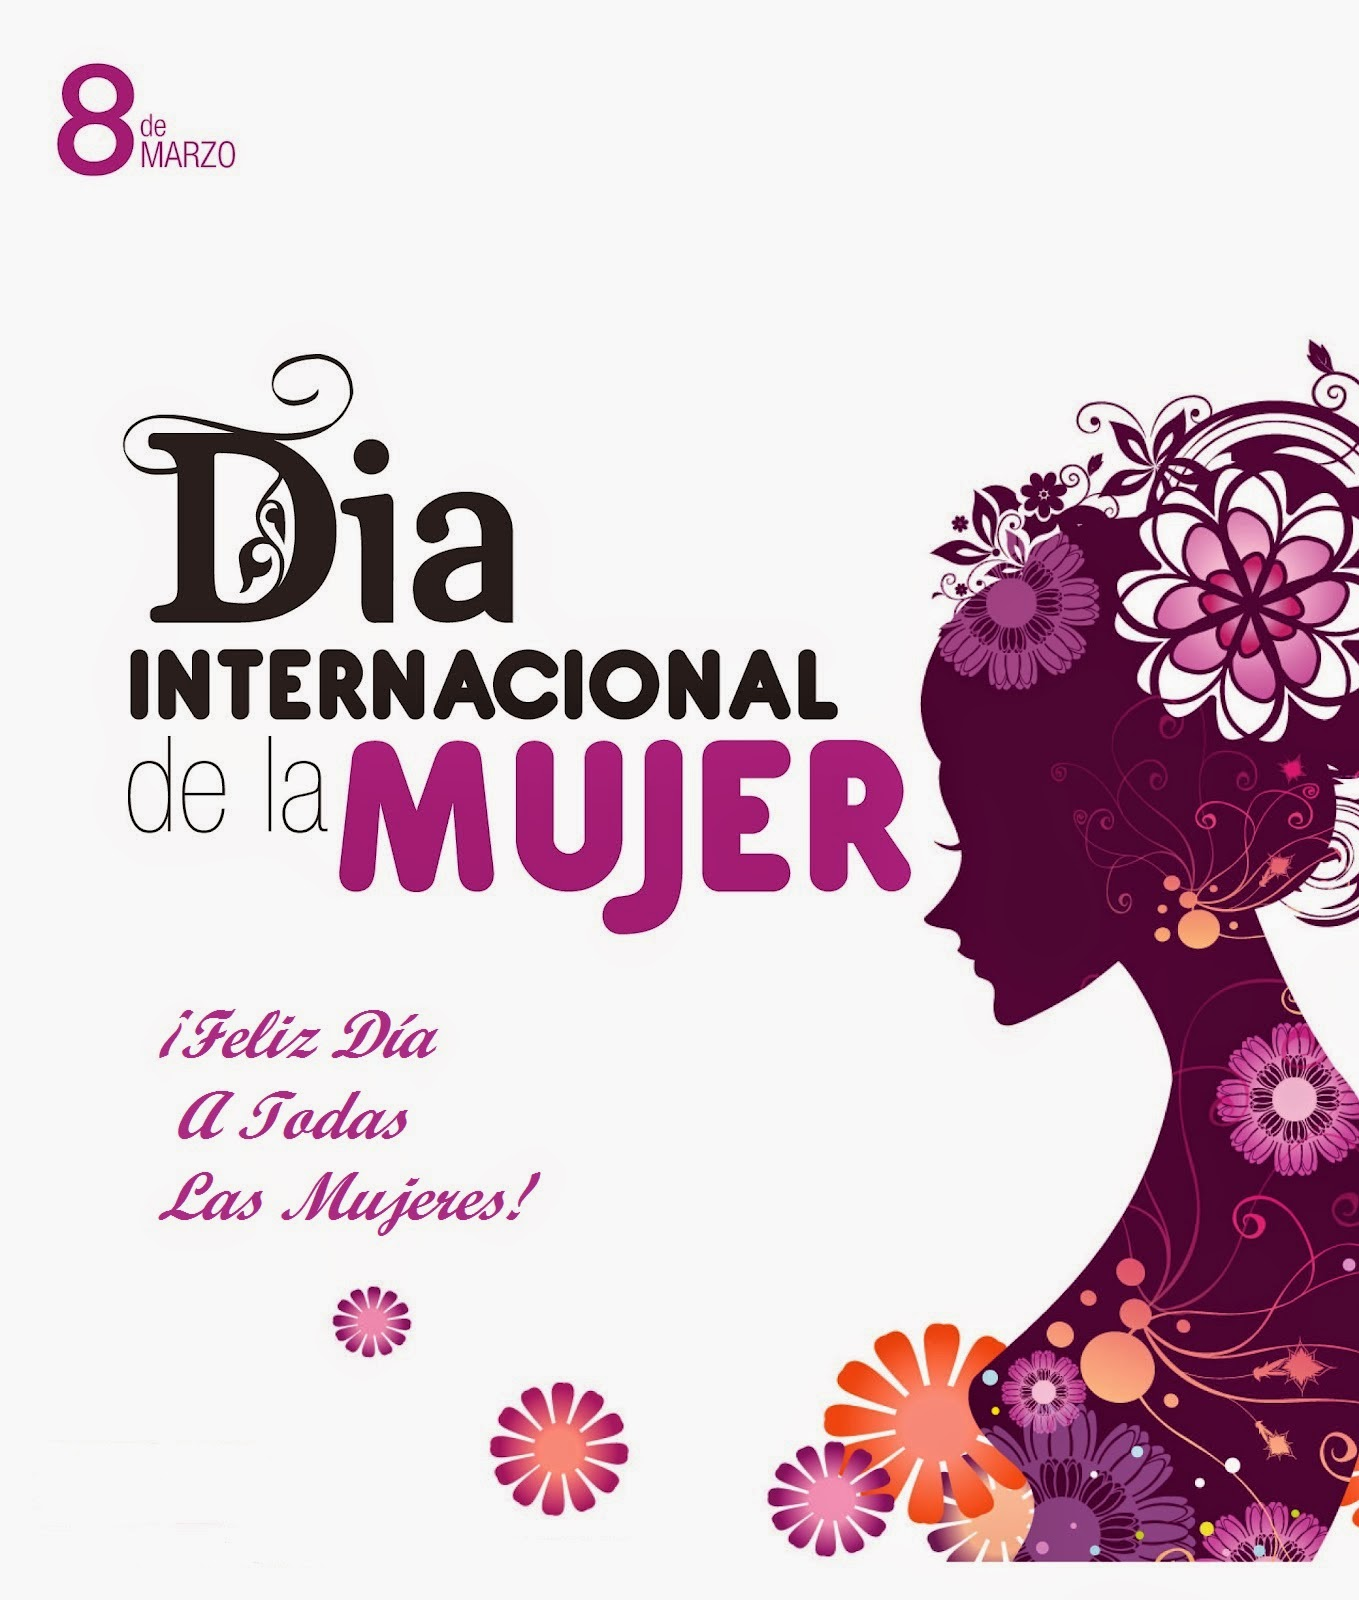 Frases De Feliz Día Internacional De La Mujer: Feliz Día A Todas Las Mujeres